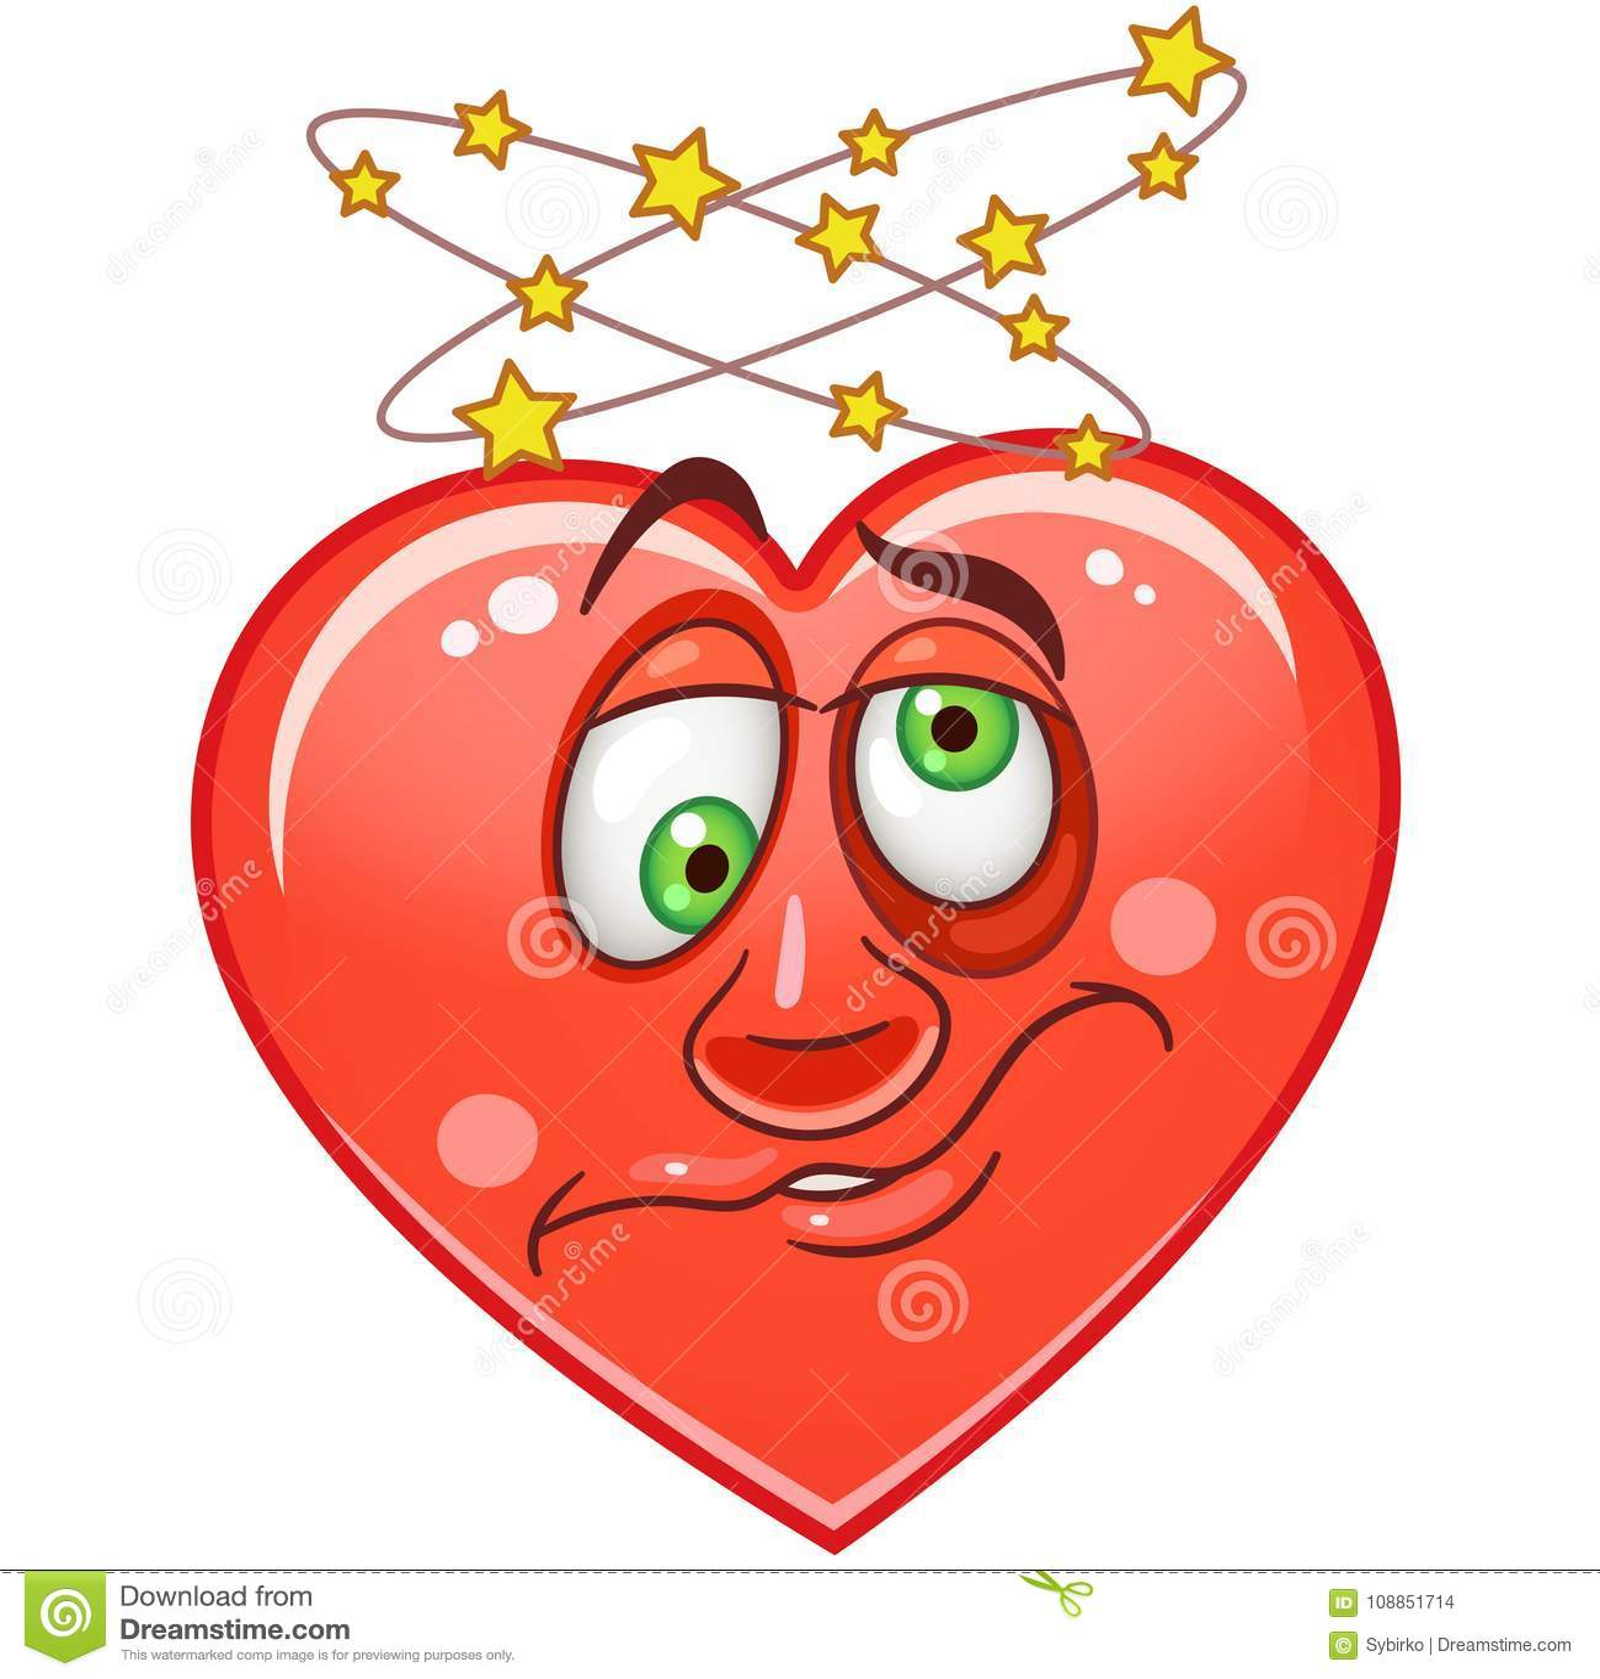 Emoticones Smiley Emoji De Coeur Illustration De Vecteur